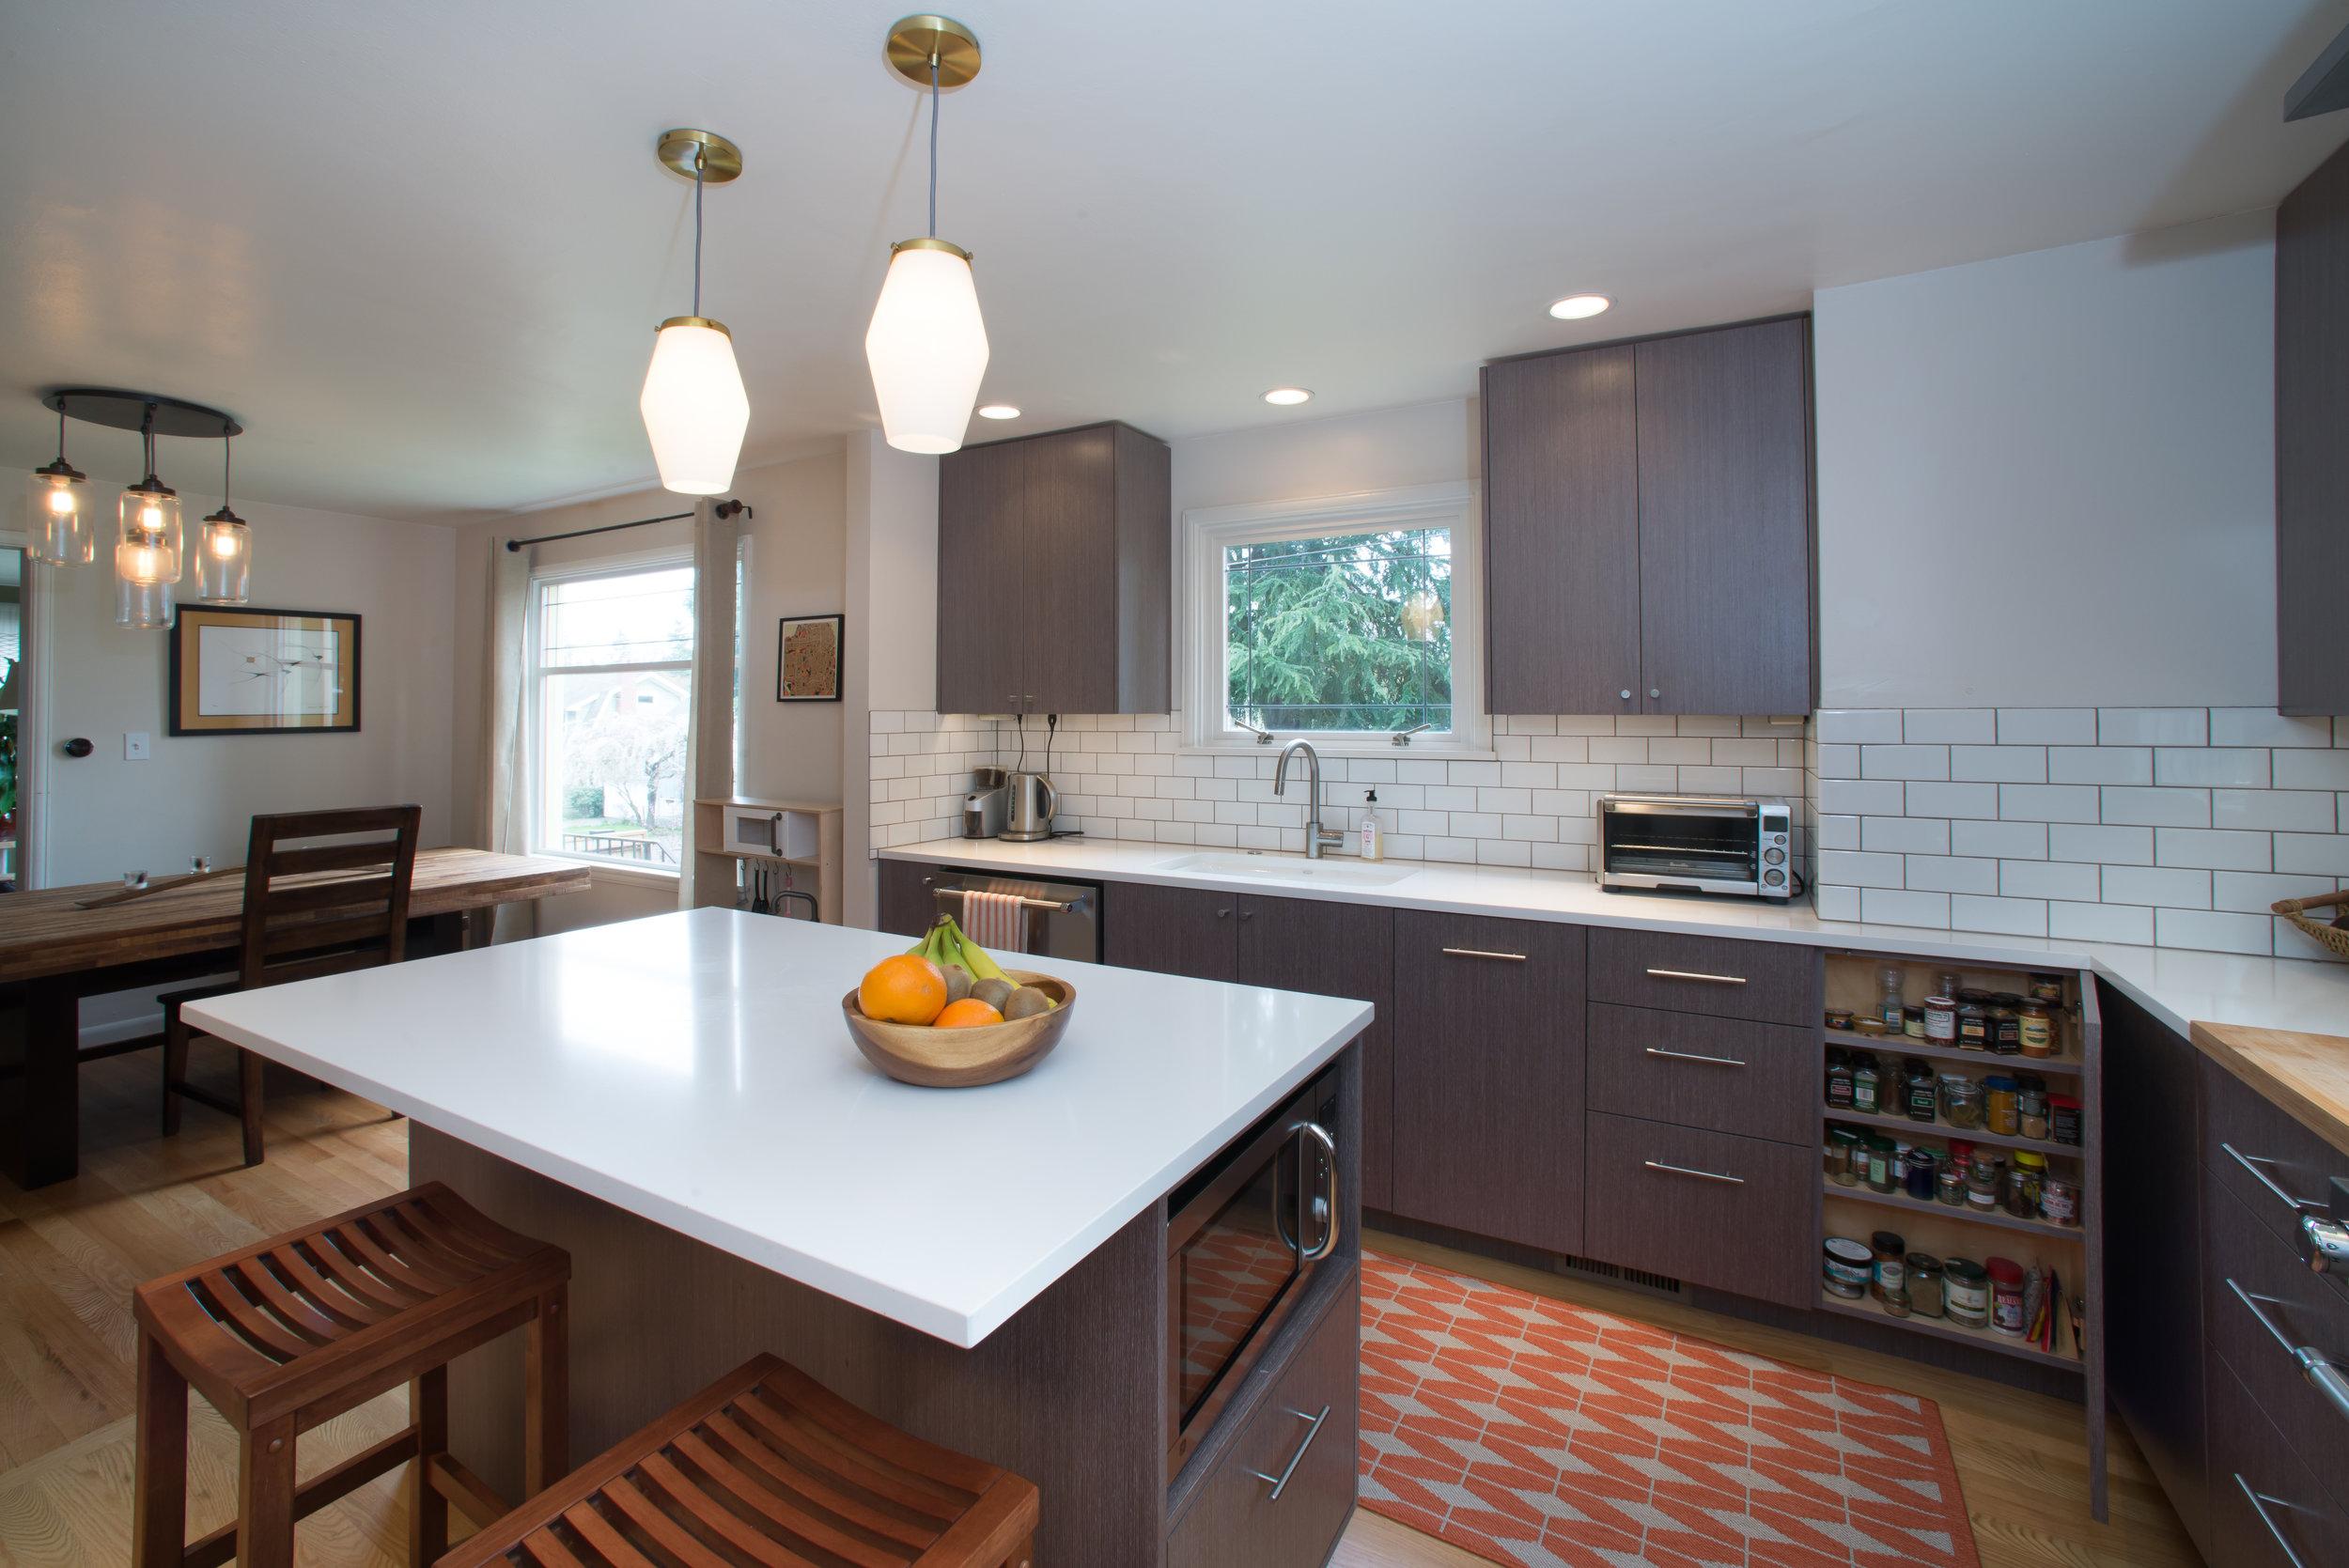 Small kitchen architecture